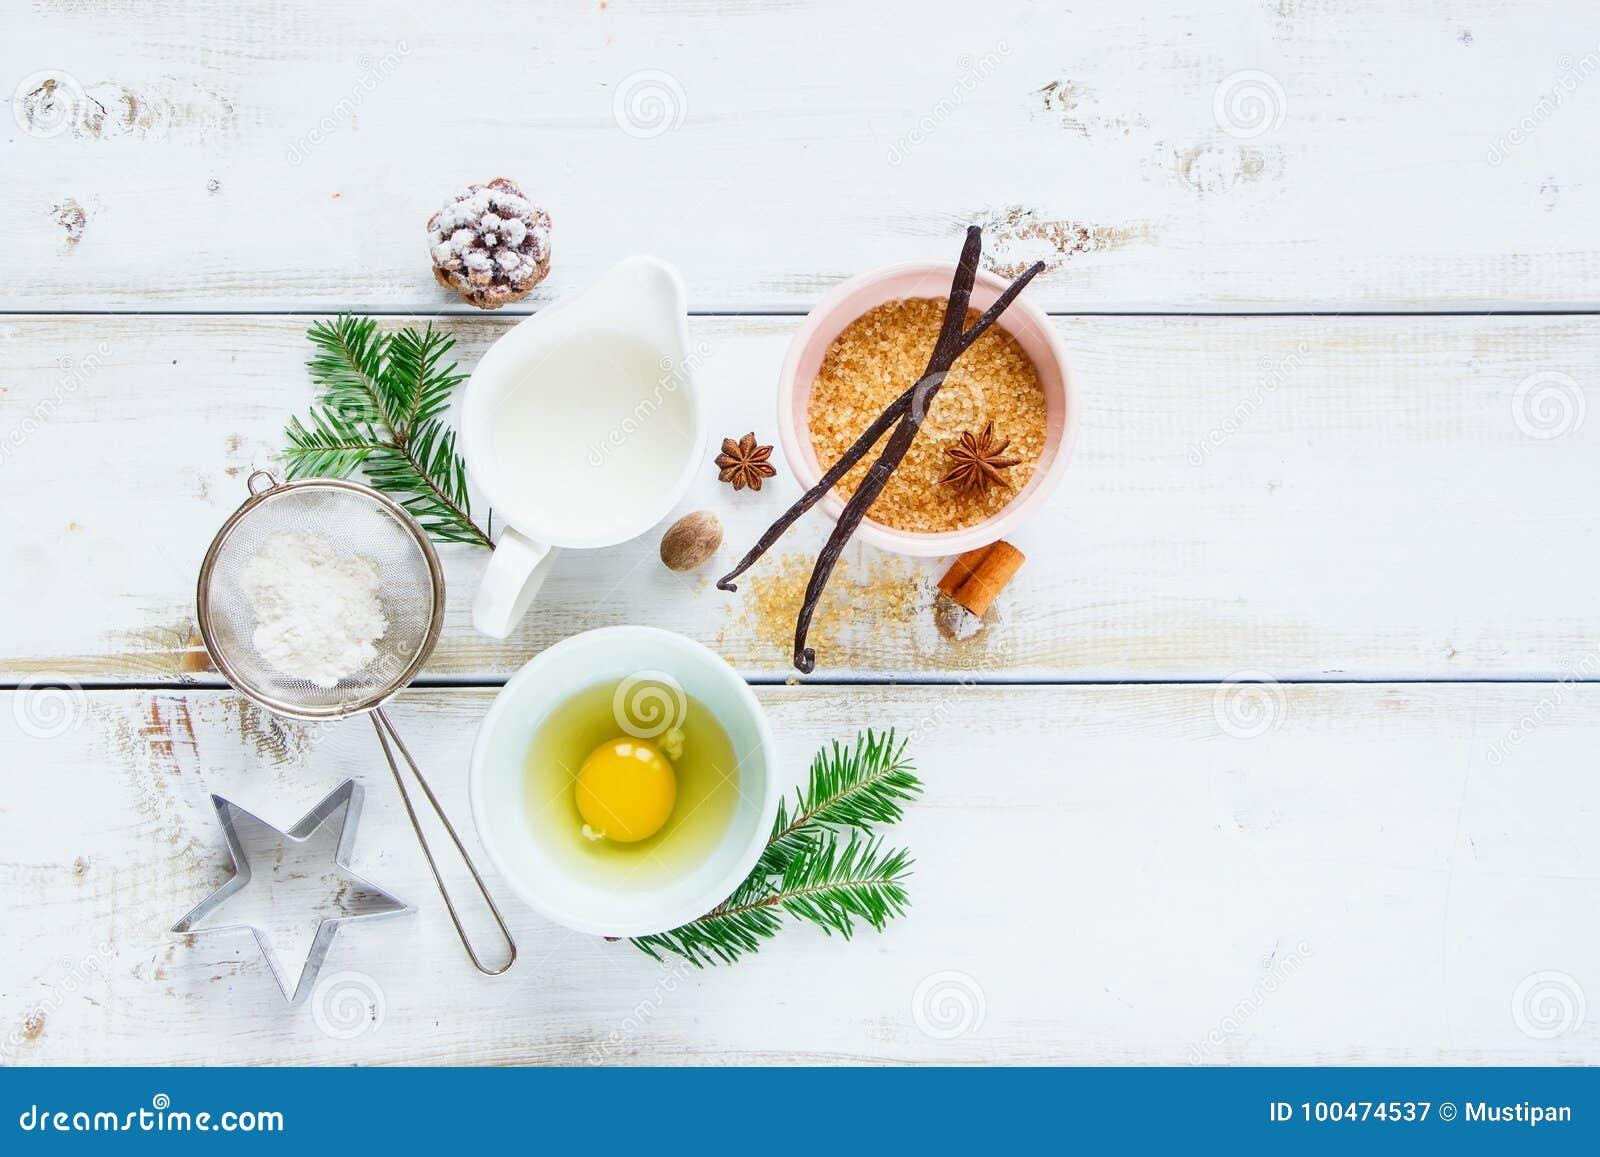 Christmas Baking Background Stock Image - Image of decoration ...